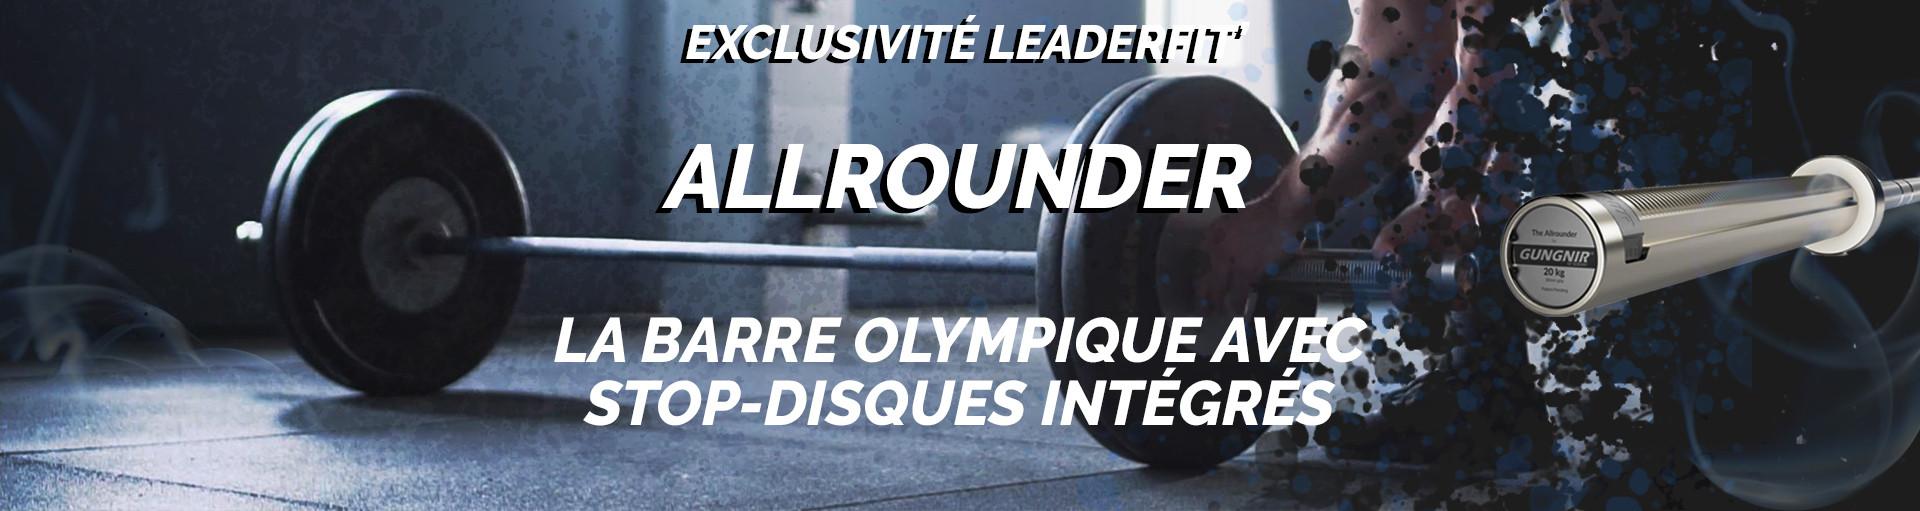 Allrounder - La barre olympique avec stop-disques intégrés